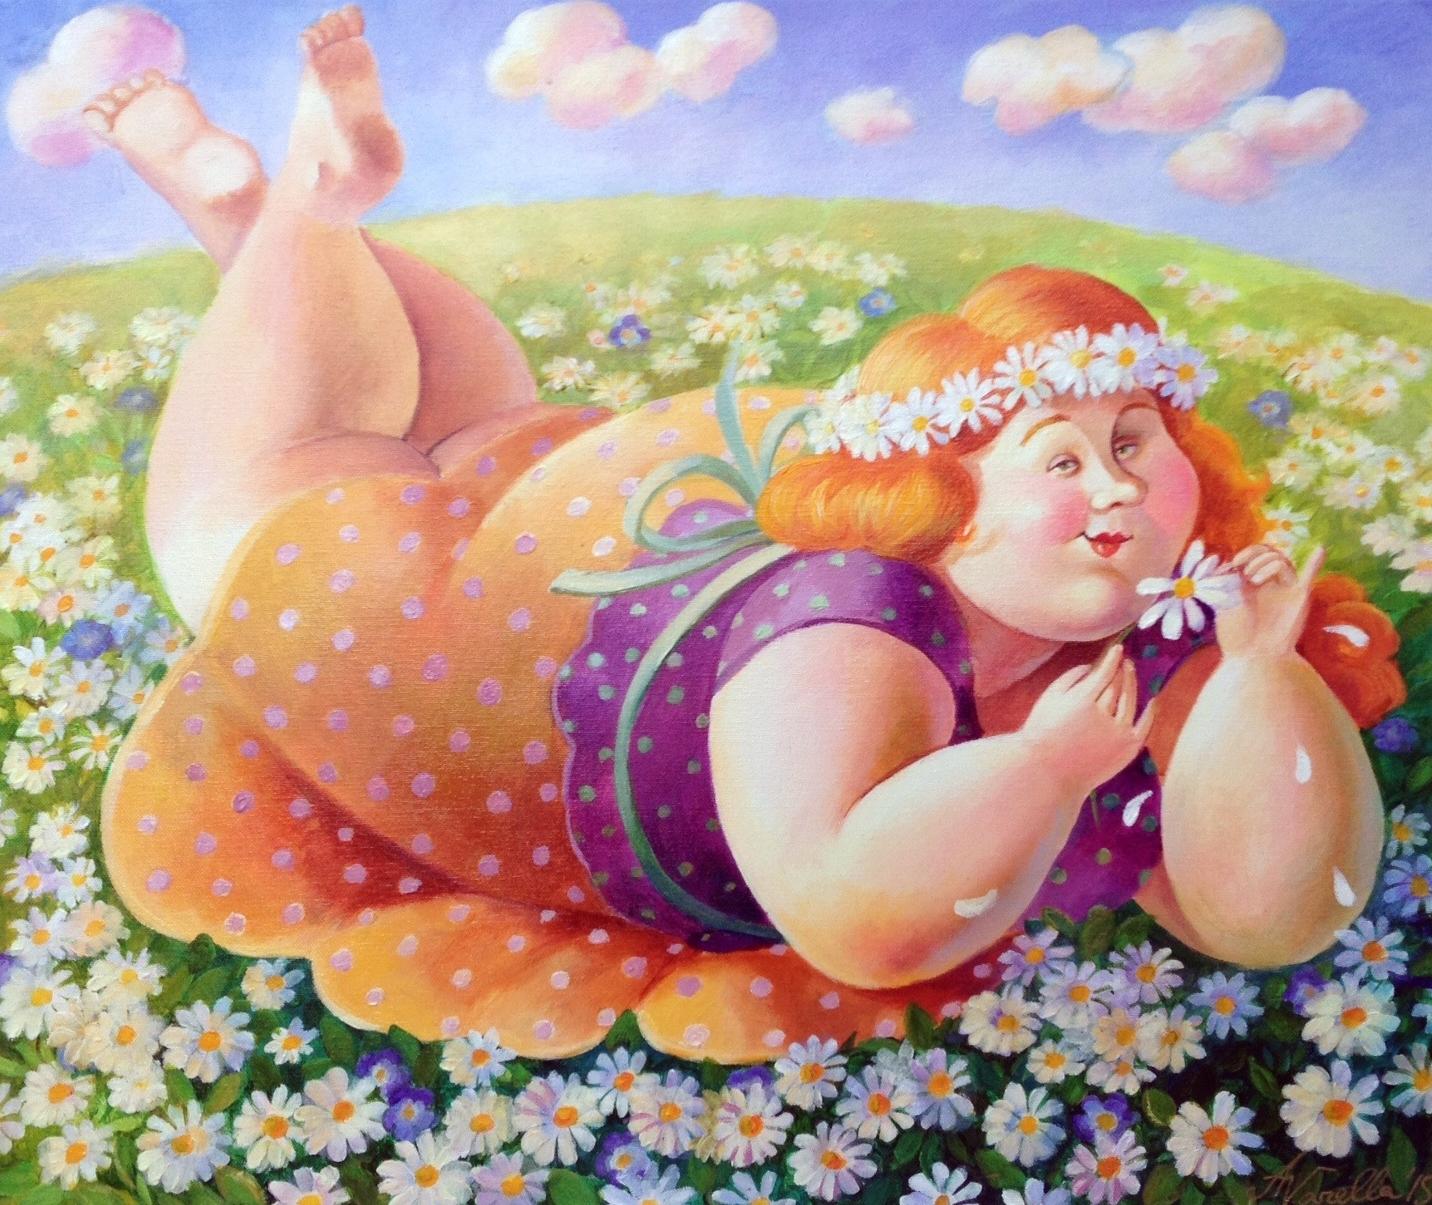 Женщины детьми, картинки толстух прикол